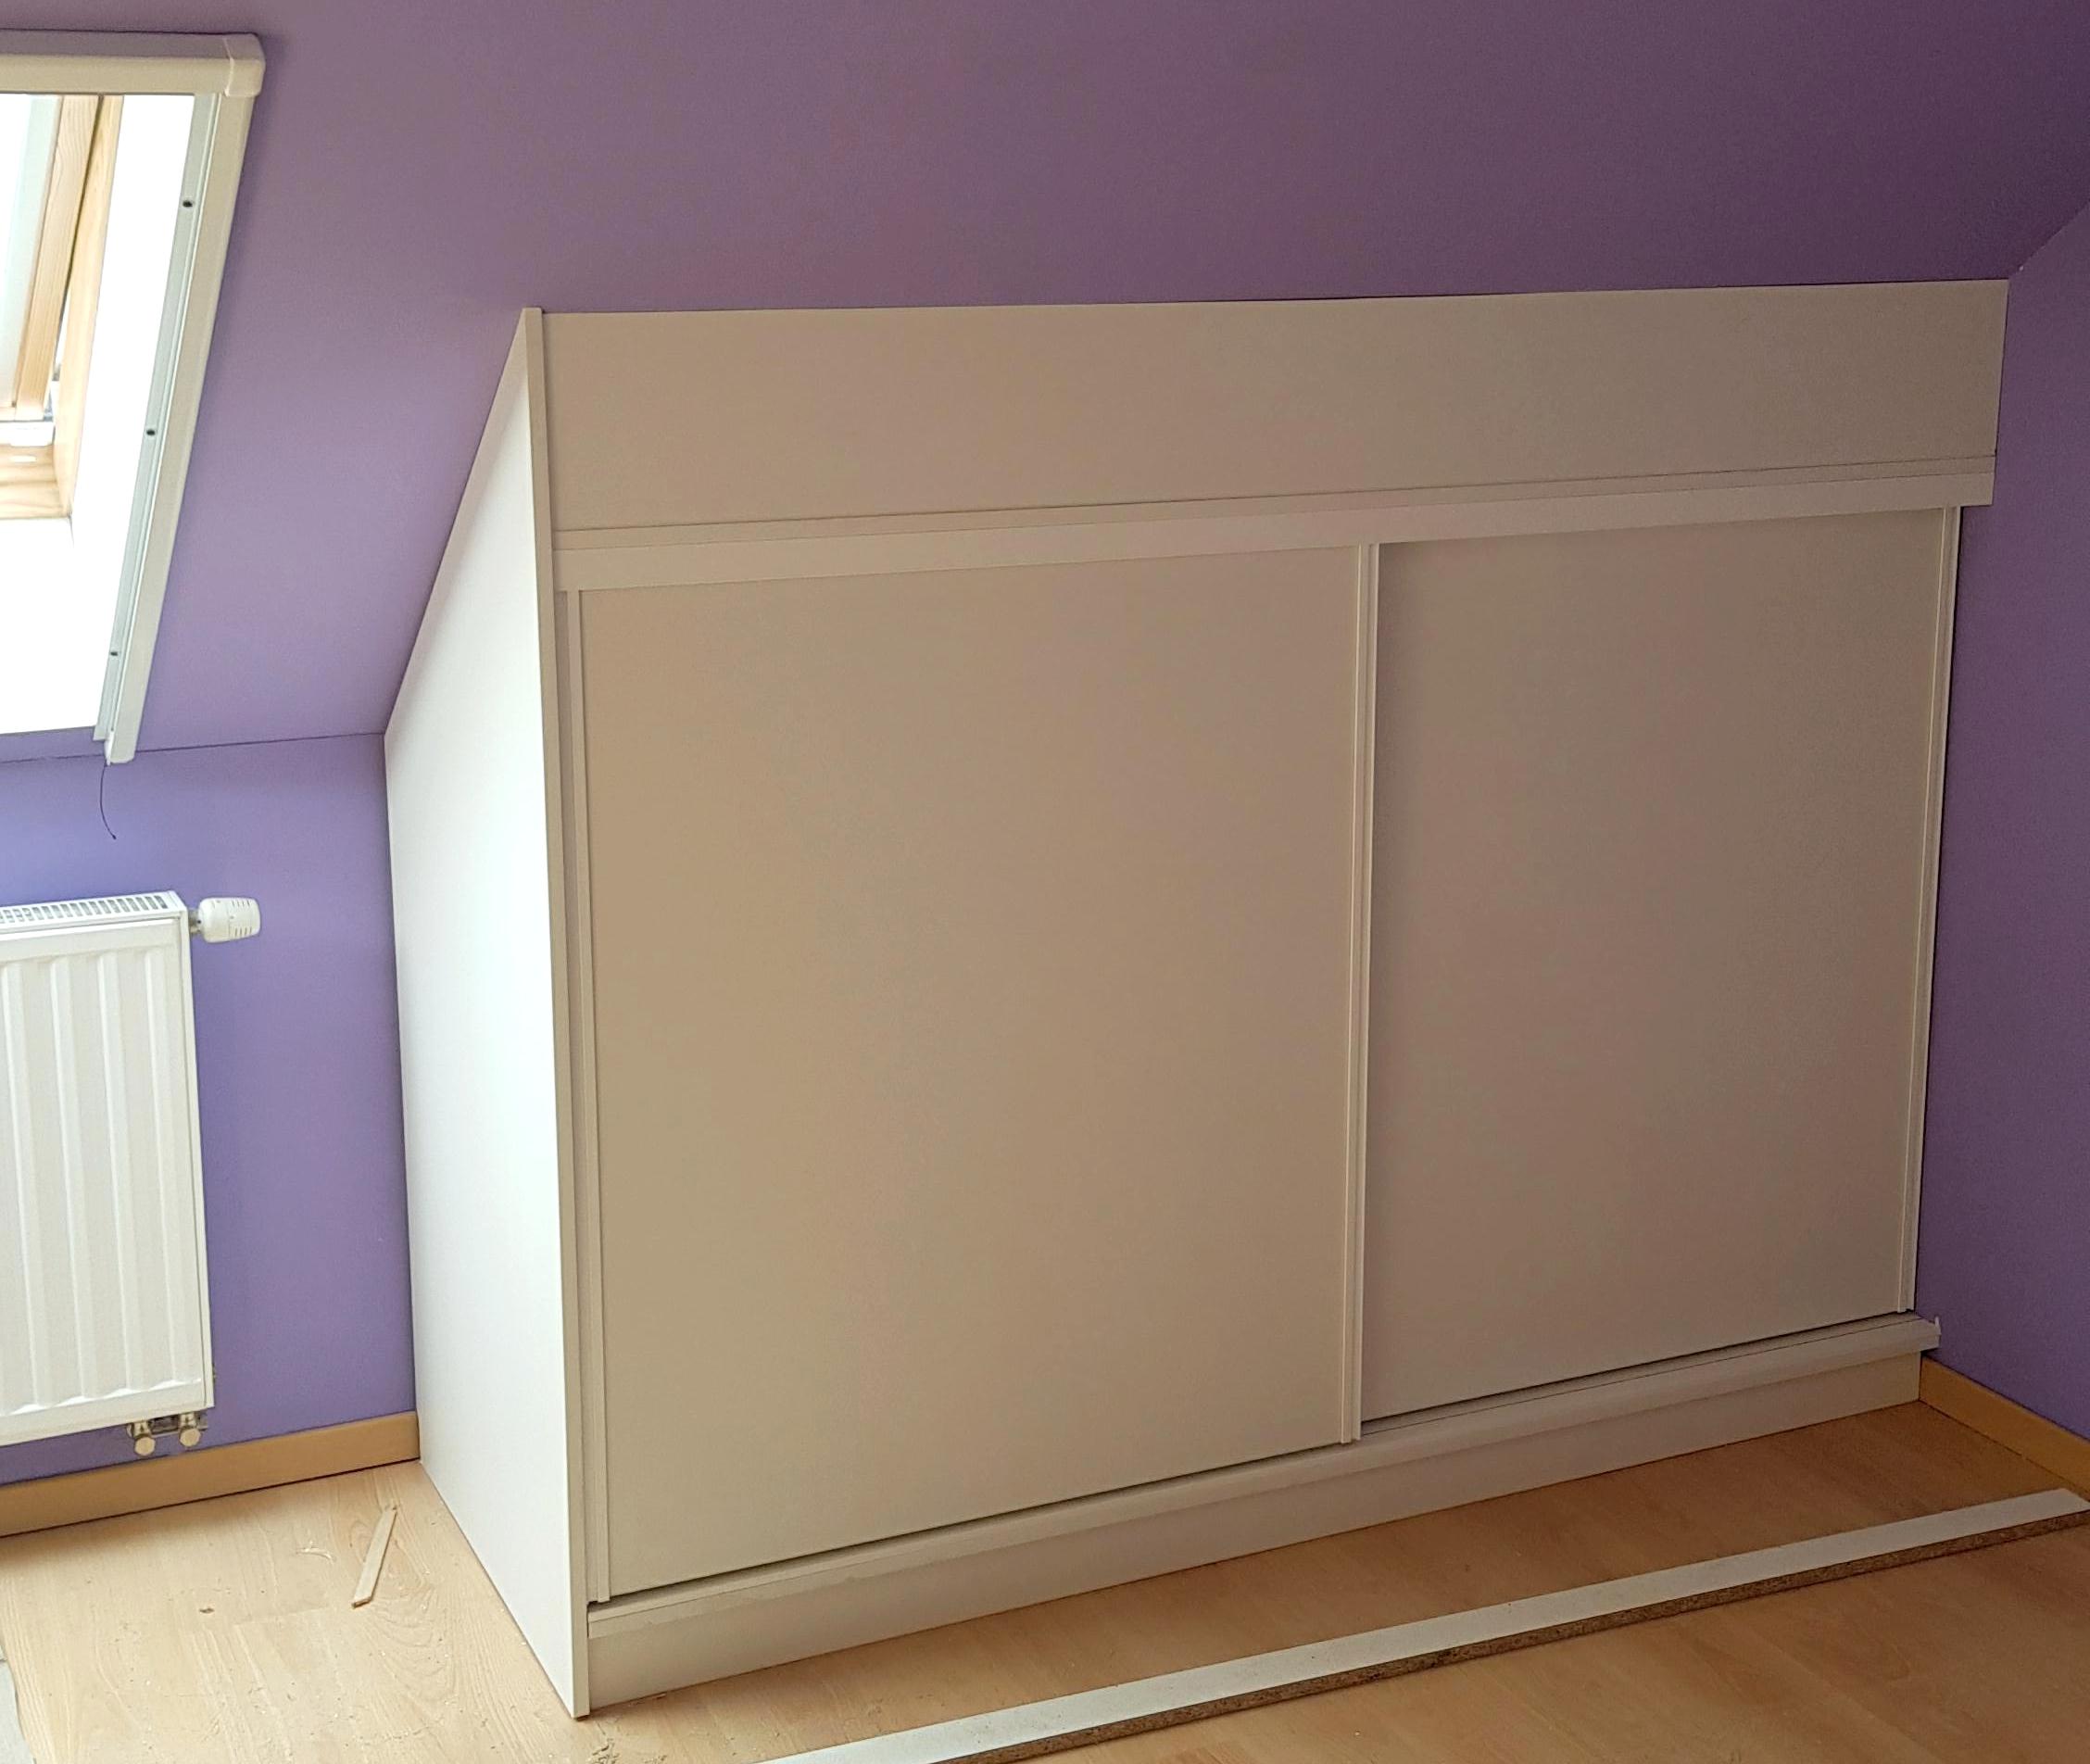 Aménagement d'un grenier meuble sous pente chambre d'enfant portes coulissantes